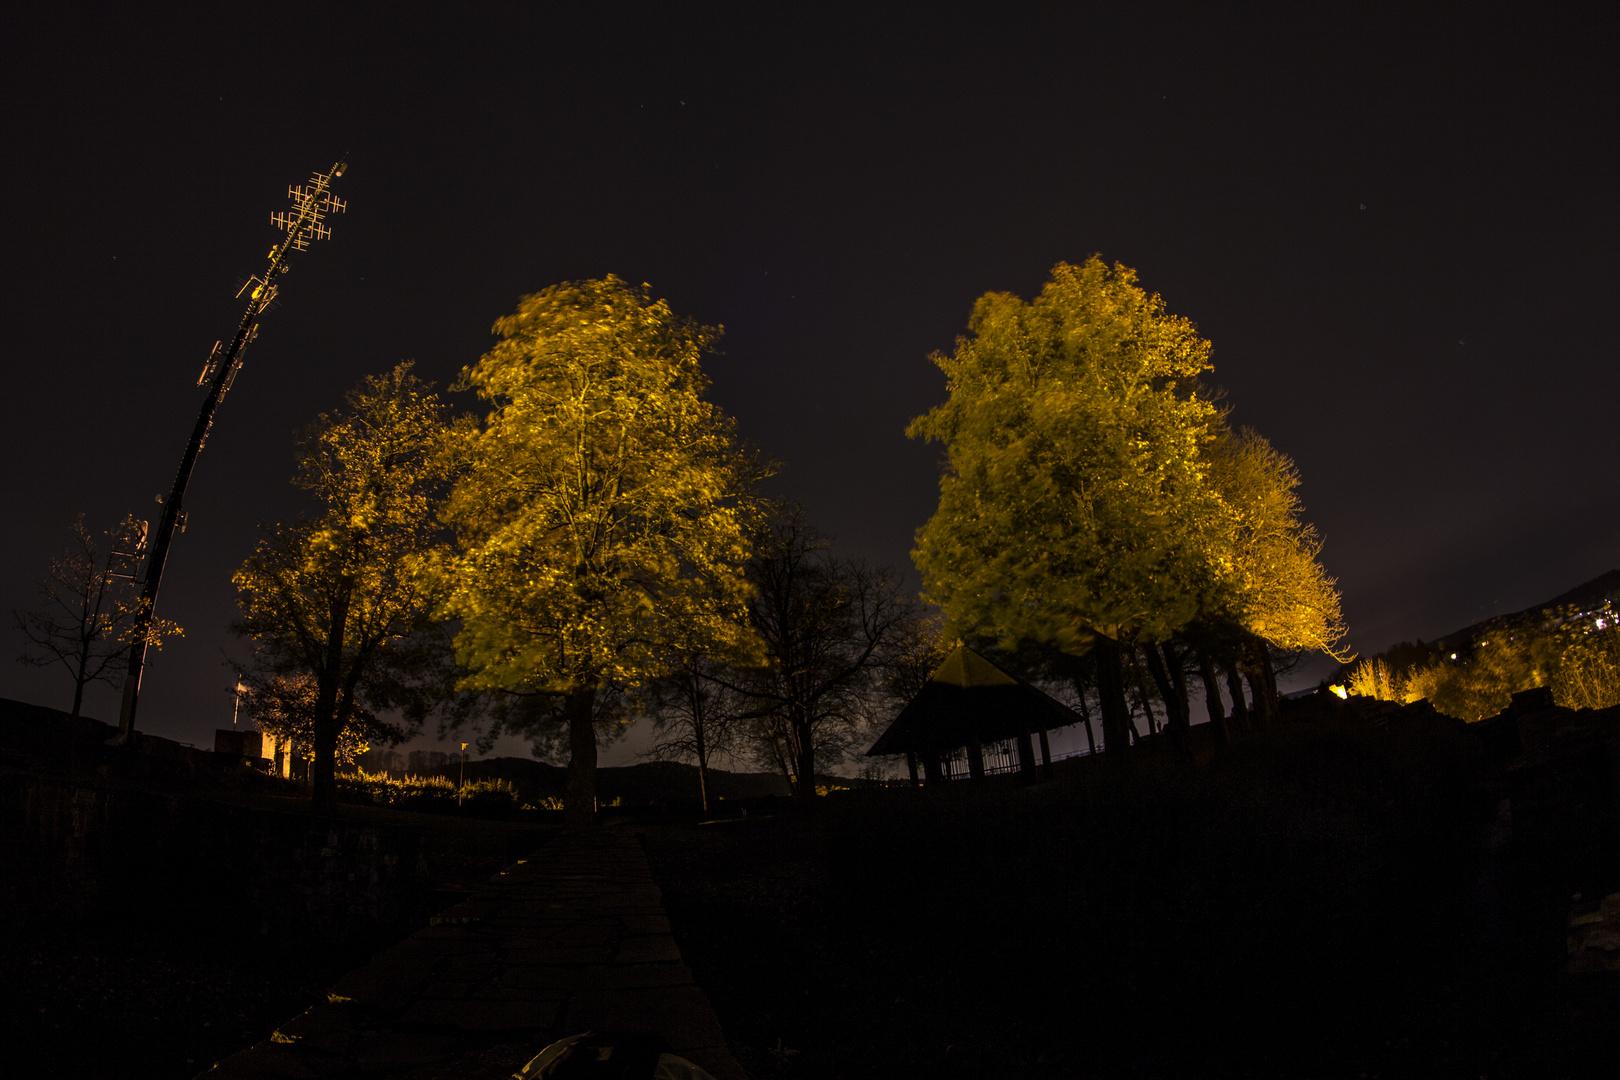 Wunderschöner Abend bei Sternenhimmel